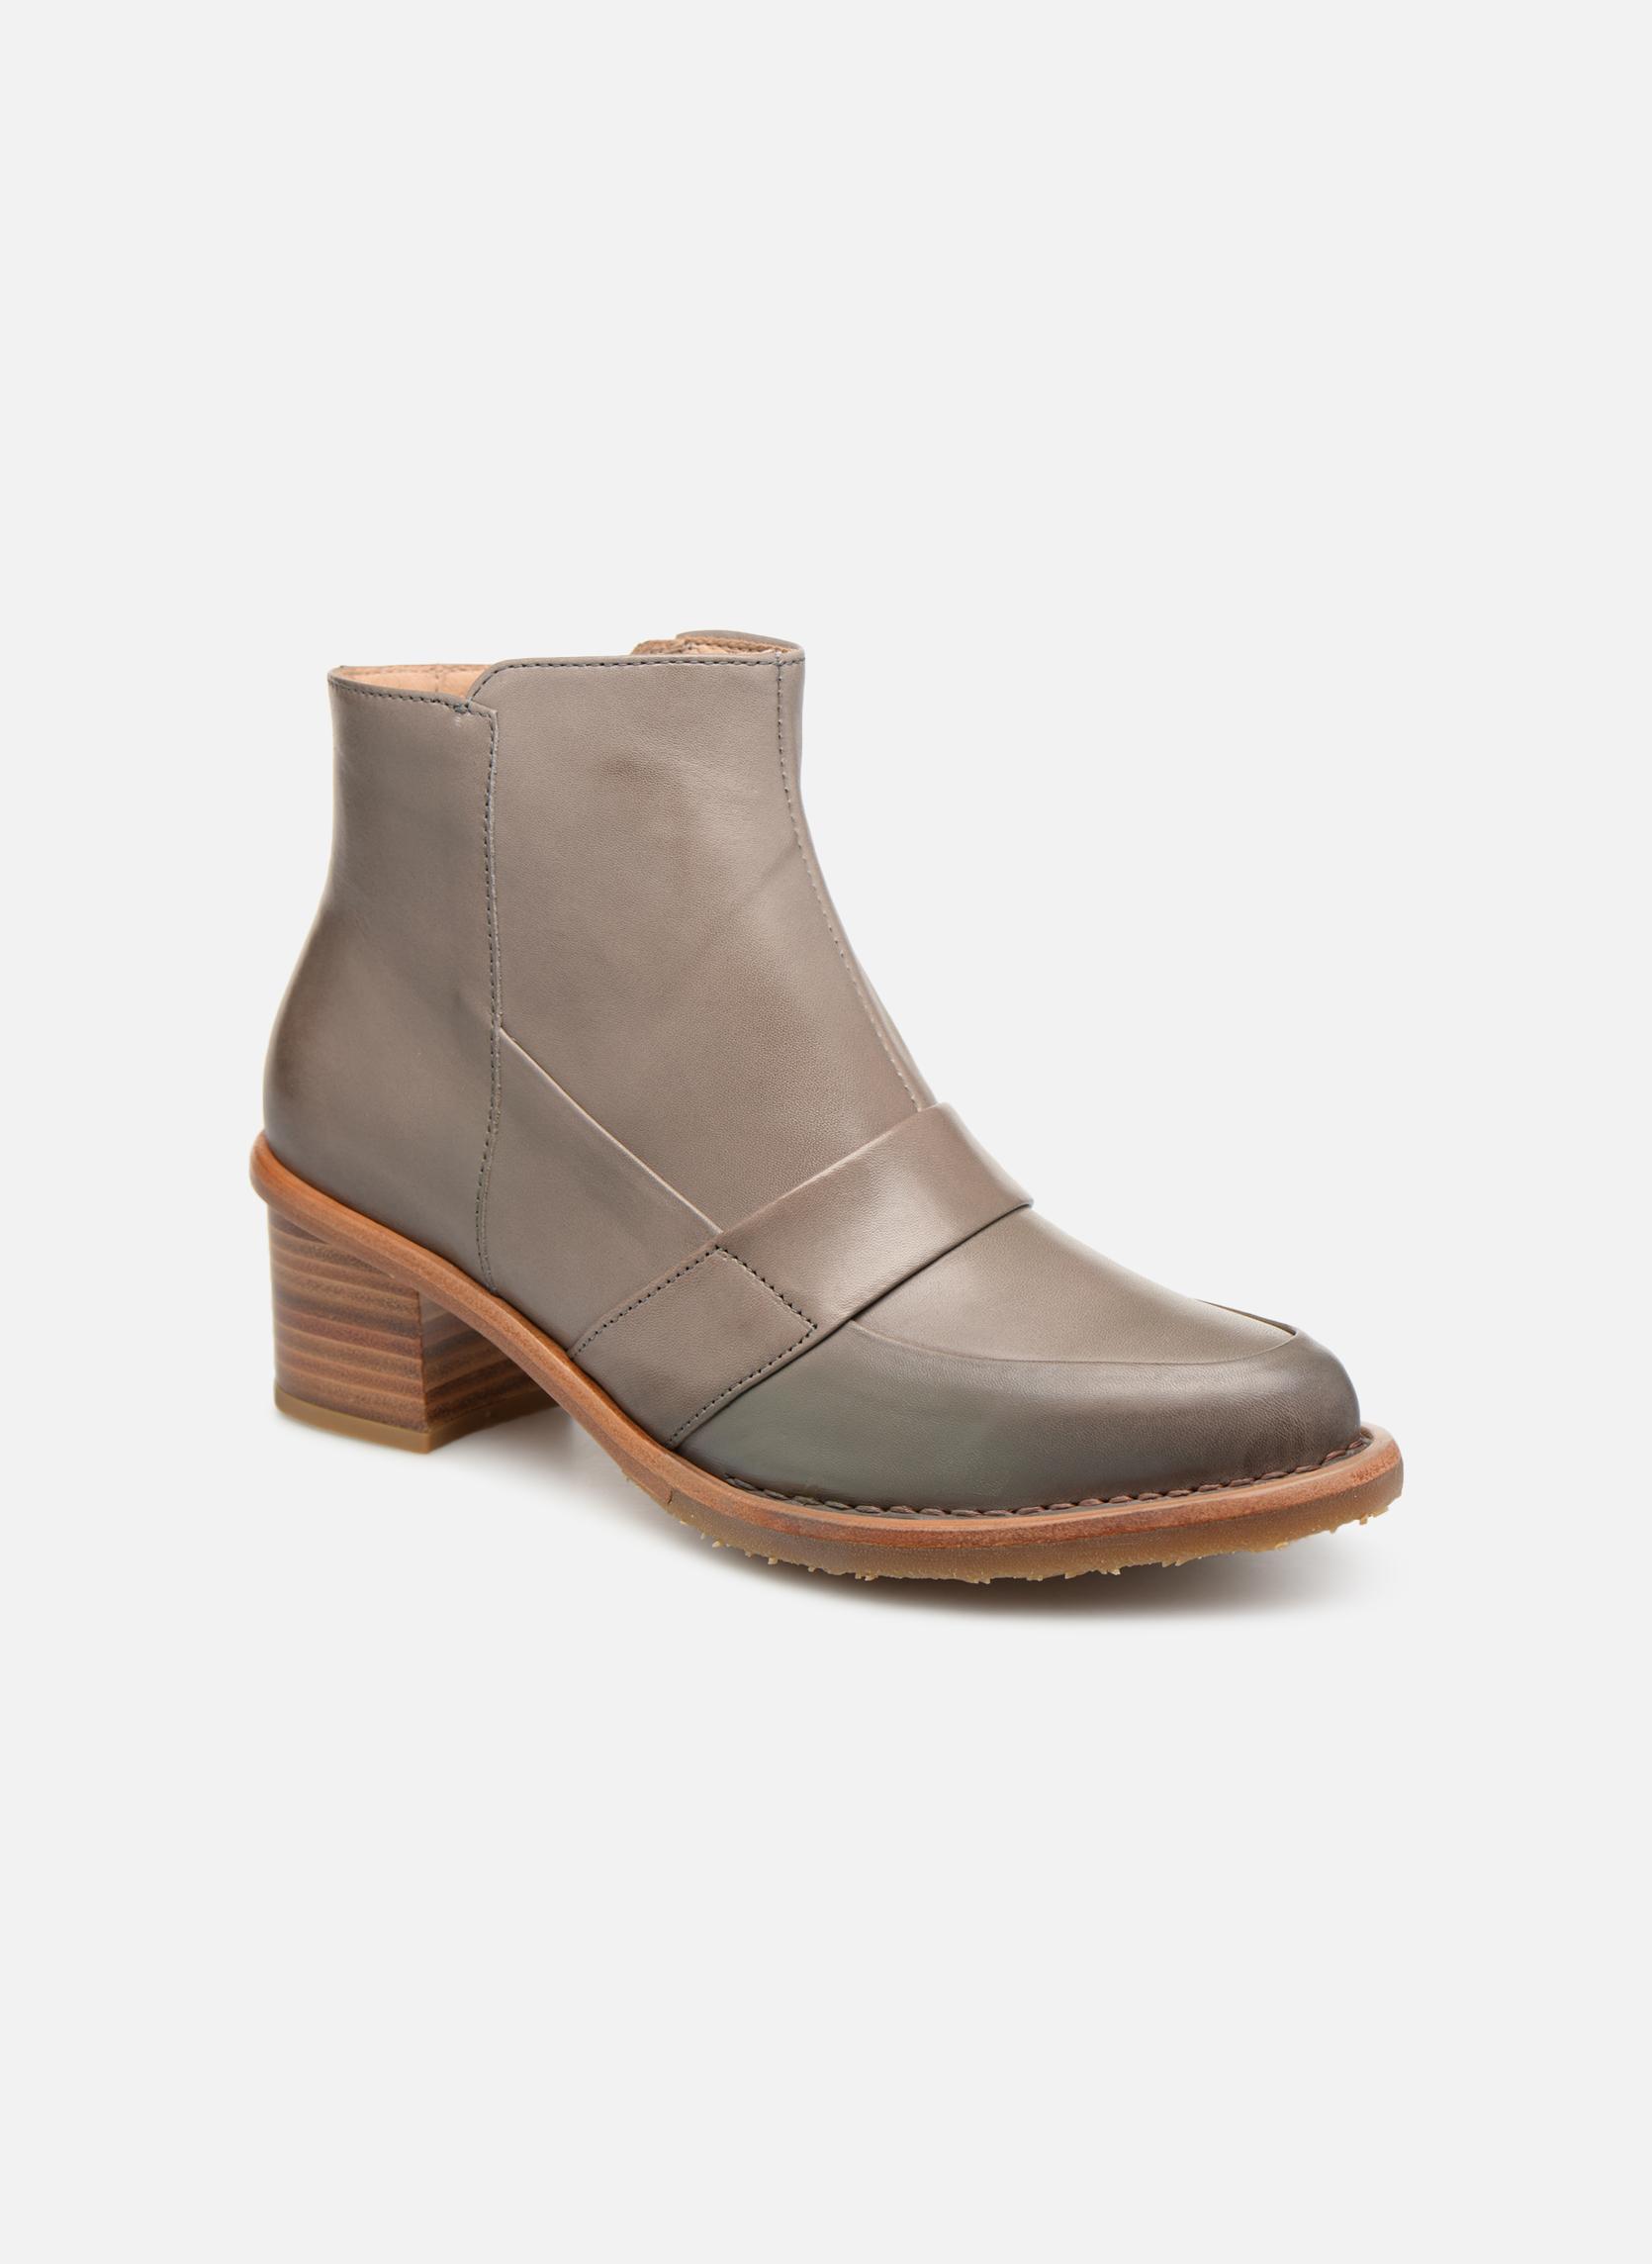 Bottines et boots Femme Bouvier S582